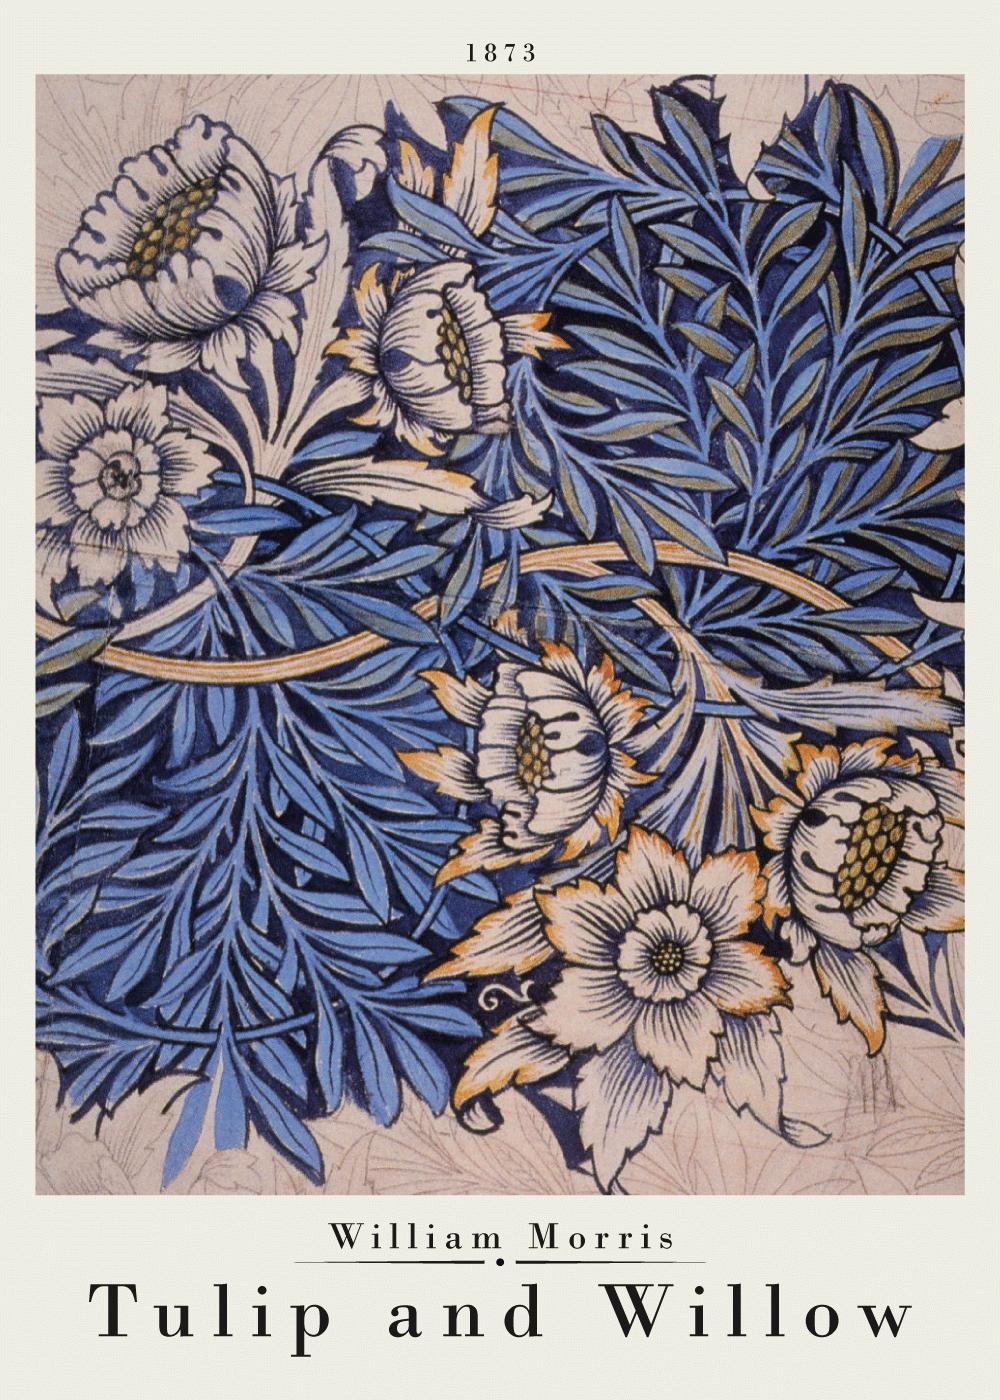 Billede af Tulip and willow - William Morris kunstplakat